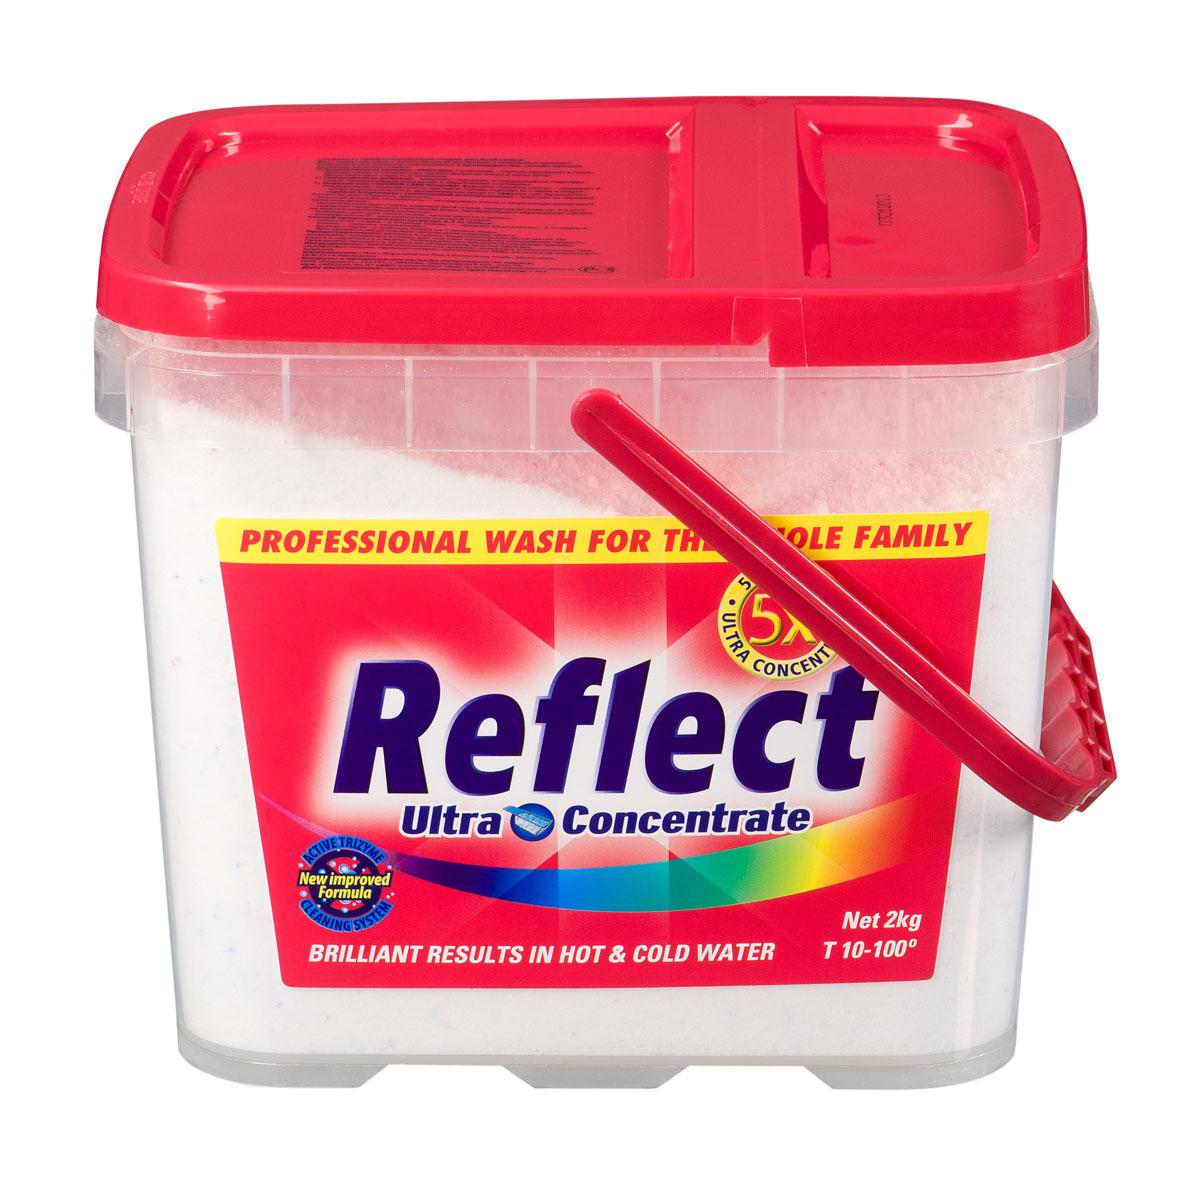 Стиральный порошок универсальный Reflect, суперконцентрат, 2 кг15050Концентрированный стиральный порошок Reflect предназначен для стирки цветного и белого белья из хлопковых и смешанных волокон. Упаковки концентрата хватает на 50 стирок. 2 кг такого порошка эффективны как 9 кг неконцентрированного стирального порошка. Преимущества, способствующие высокому качеству стирки: - Композитные энзимы Trizyme глубоко проникают в ткань, удаляют грязь и неприятные запахи (включая пятна и запах пота), предотвращают серость и желтизну. - Специальные добавки помогают сохранять и поддерживать структуру ткани, предупреждая появление и образование катышек. - Уникальная формула Colour Care (формула защиты цвета) защищает и поддерживает насыщенность цветовой гаммы изделия от стирки к стирке. Особенности порошка Reflect: - Optical Brightener (оптический отбеливатель) отвечает за белизну белого белья и яркость цветного, - высокая моющая способность: отстирывает пятна и загрязнения различного происхождения, - предназначен для стирки изделий для всей семьи, включая детские (от 3-х лет), - содержит средство для смягчения воды, предупреждает образование накипи на водонагревательном элементе, - подходит для всех типов ткани, кроме шерсти и шелка, - универсальный - для машинной и ручной стирки, - стирает в холодной и горячей воде. Характеристики: Вес: 2 кг. Размер упаковки: 18 см х 14,5 см х 15,5 см. Температура воды: 10°C-100°C. Артикул: 15050. Товар сертифицирован.